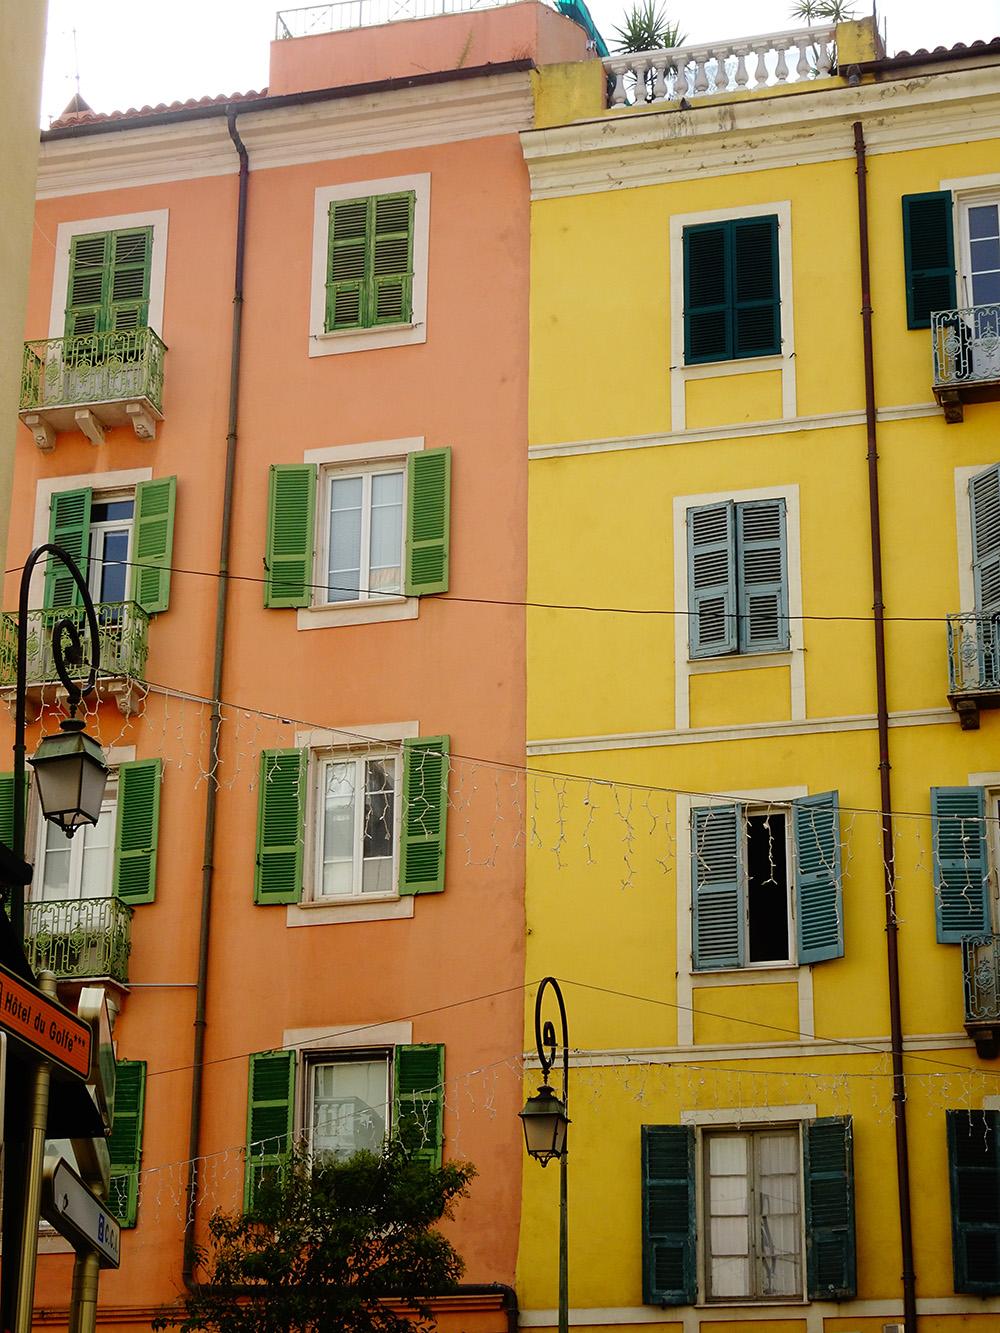 De prachtige gebouwen in Ajaccio